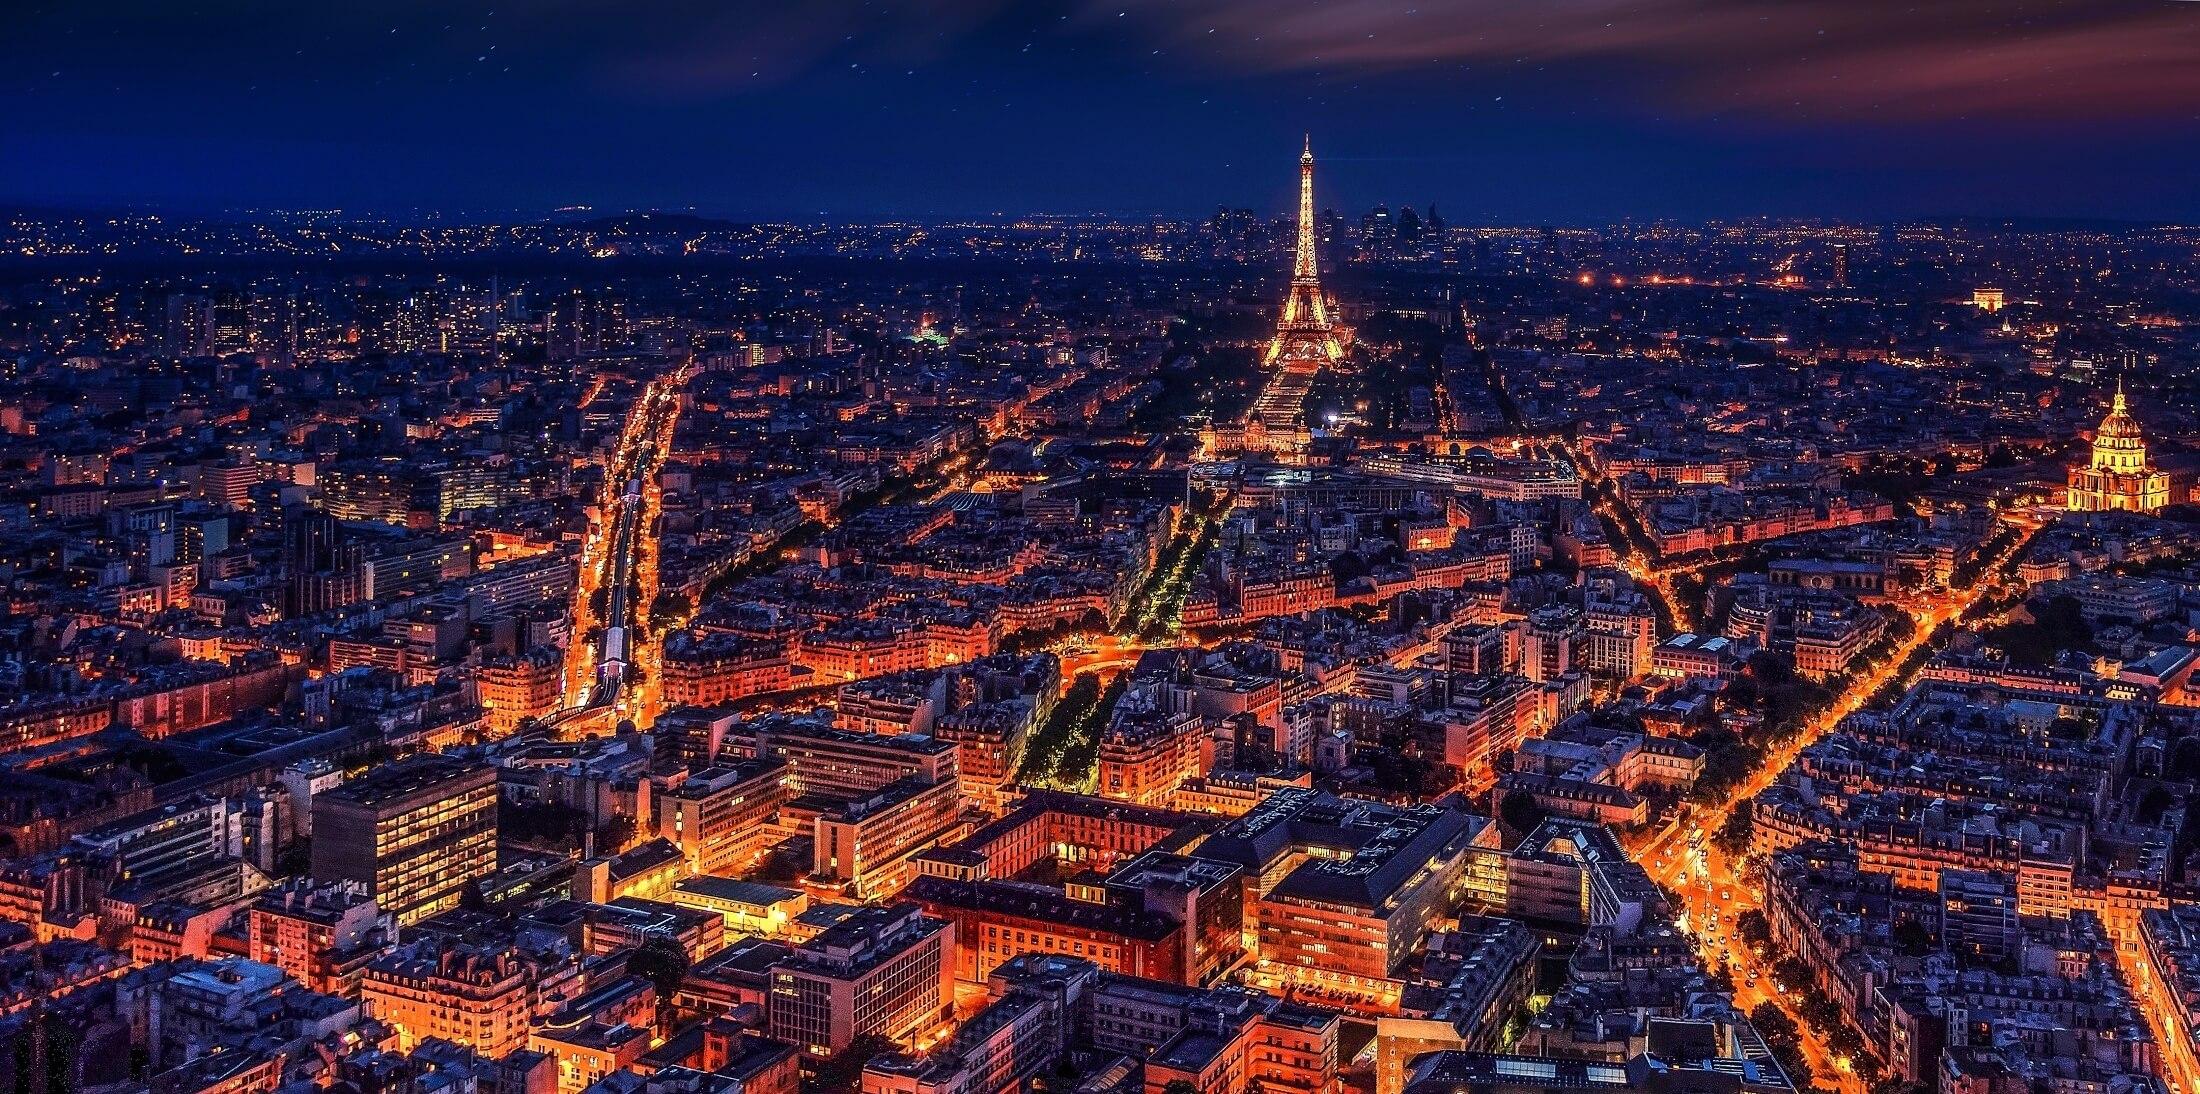 フランス・パリの夜景